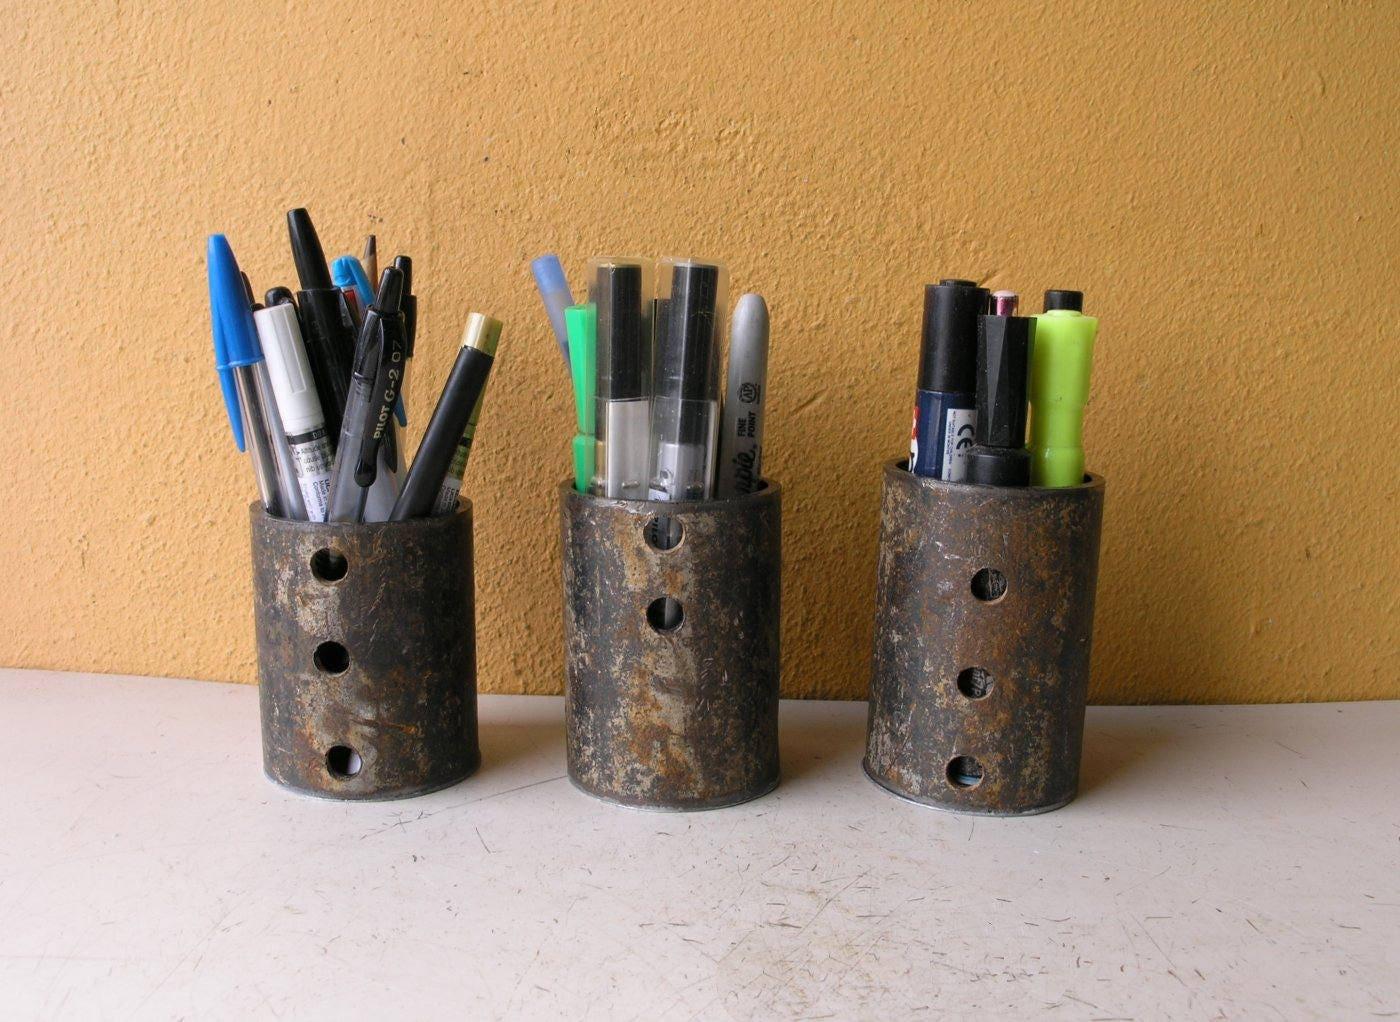 Set of 3 Pencil Holder for desk Pencil Cups Industrial Desk